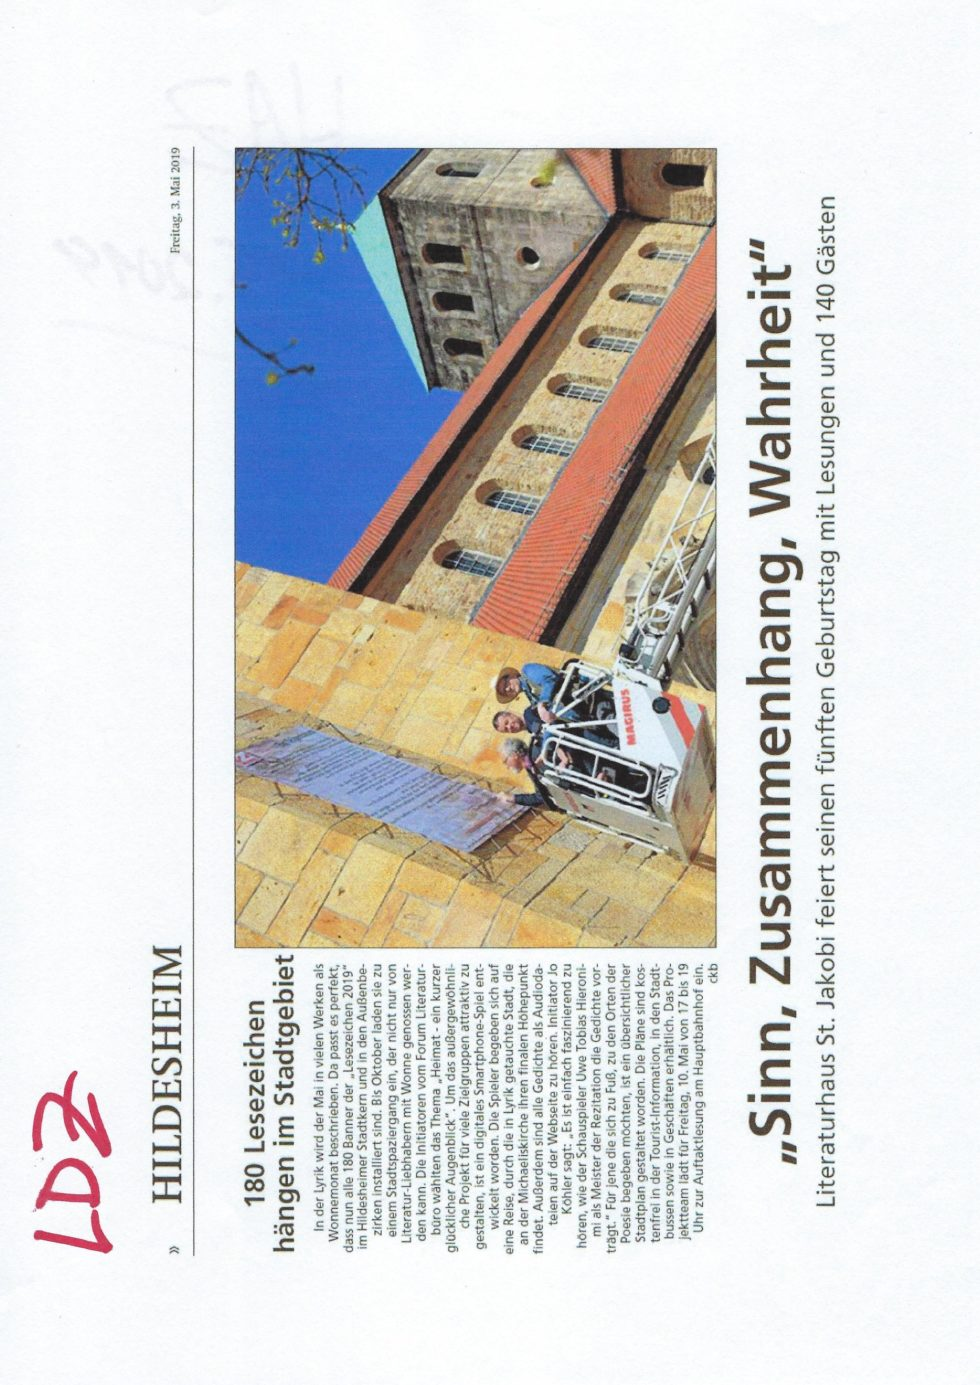 2019-2020 Lesezeichen, Wettbewerb, Lit.Apotheke_Seite_08